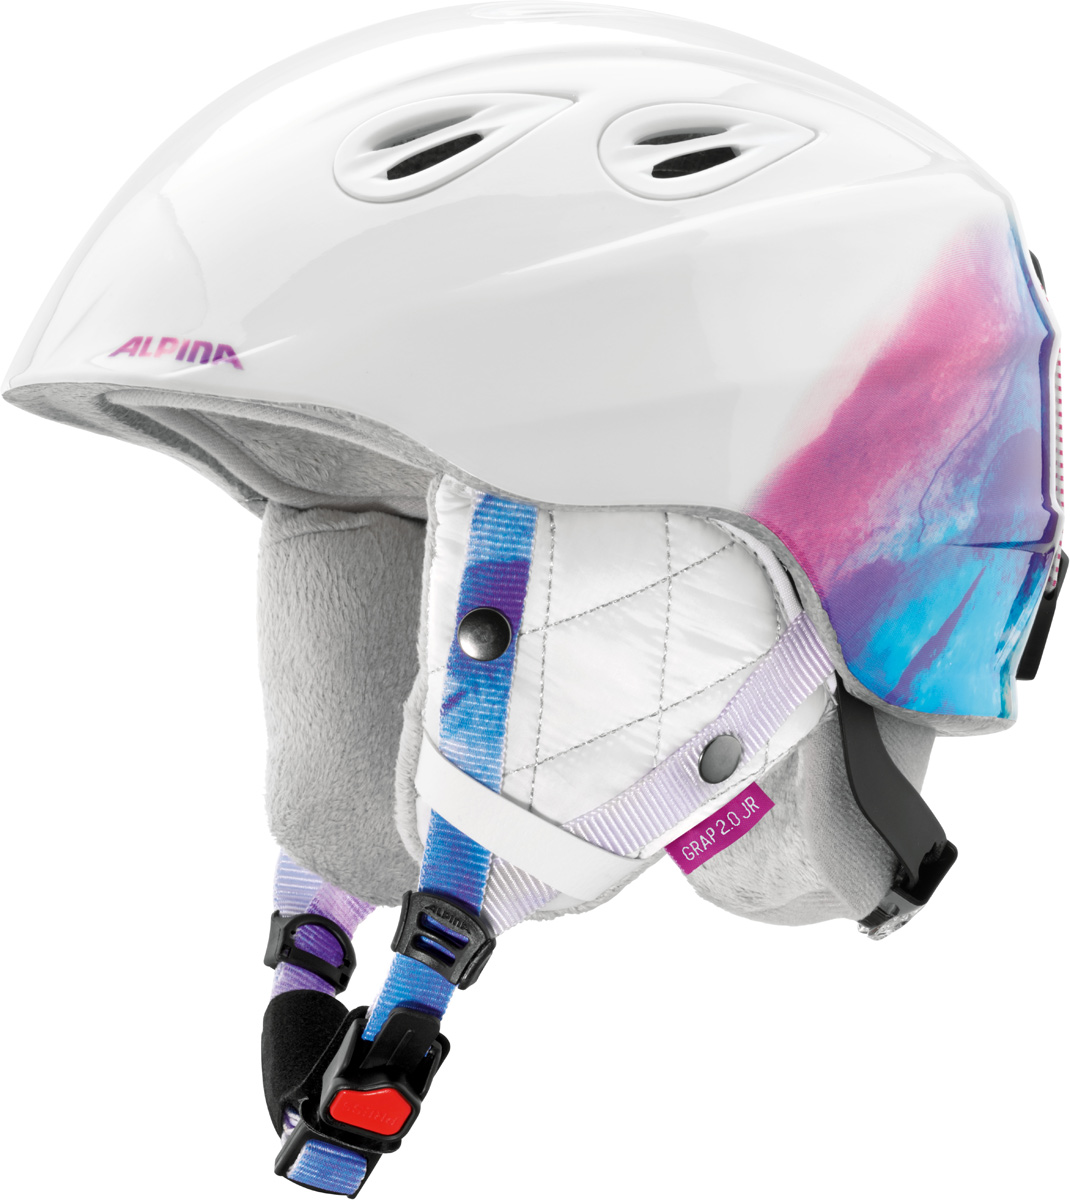 Шлем горнолыжный Alpina Grap 2.0 JR, цвет: белый. A9086_14. Размер 51-54A9086_14Детская версия популярнейшего шлема Alpina Grap 2.0, сохранившая все технические преимущества взрослой модели.Технологии:Конструкция In-Mold - соединение внутреннего слоя из EPS (вспененного полистирола) с внешним покрытием под большим давлением в условиях высокой температуры. В результате внешняя поликарбонатная оболочка сохраняет форму конструкции, предотвращая поломку и попадание осколков внутрь шлема, а внутренний слой Hi-EPS, состоящий из множества наполненных воздухом гранул, амортизирует ударную волну, защищая голову райдера от повреждений.Внешнее покрытие Ceramic Shell обеспечивает повышенную ударопрочность и износостойкость, а также обладает защитой от УФ-излучений, препятствующей выгоранию на солнце, и антистатичными свойствами.Съемный внутренний тканевый слой. Подкладку можно постирать и легко вставить обратно. Своевременный уход за внутренником предотвращает появление неприятного запаха.Вентиляционная система с раздвижным механизмом с возможностью регулировки интенсивности потока воздуха.Классическая система регулировки в шлемах Alpina Run System с регулировочным кольцом на затылке позволяет быстро и легко подобрать оптимальную и комфортную плотность посадки на голове.Съемные ушки согревают в холодную погоду, а в теплую компактно хранятся в кармане куртки.Шейный воротник из микрофлиса в задней части шлема быстро согревает и не давит на шею.Ремешок фиксируется кнопкой с запирающим механизмом. Застежка максимально удобна для использования в перчатках.Система Edge Protect в конструкции шлема защищает голову горнолыжника при боковом ударе.Система Y-Clip гарантирует оптимальную посадку с миллиметровой точностью. Y-зажим соединяет два ремешка вместе и удобно фиксирует их под ухом.Съемные элементы позволяют использовать шлем всесезонно.